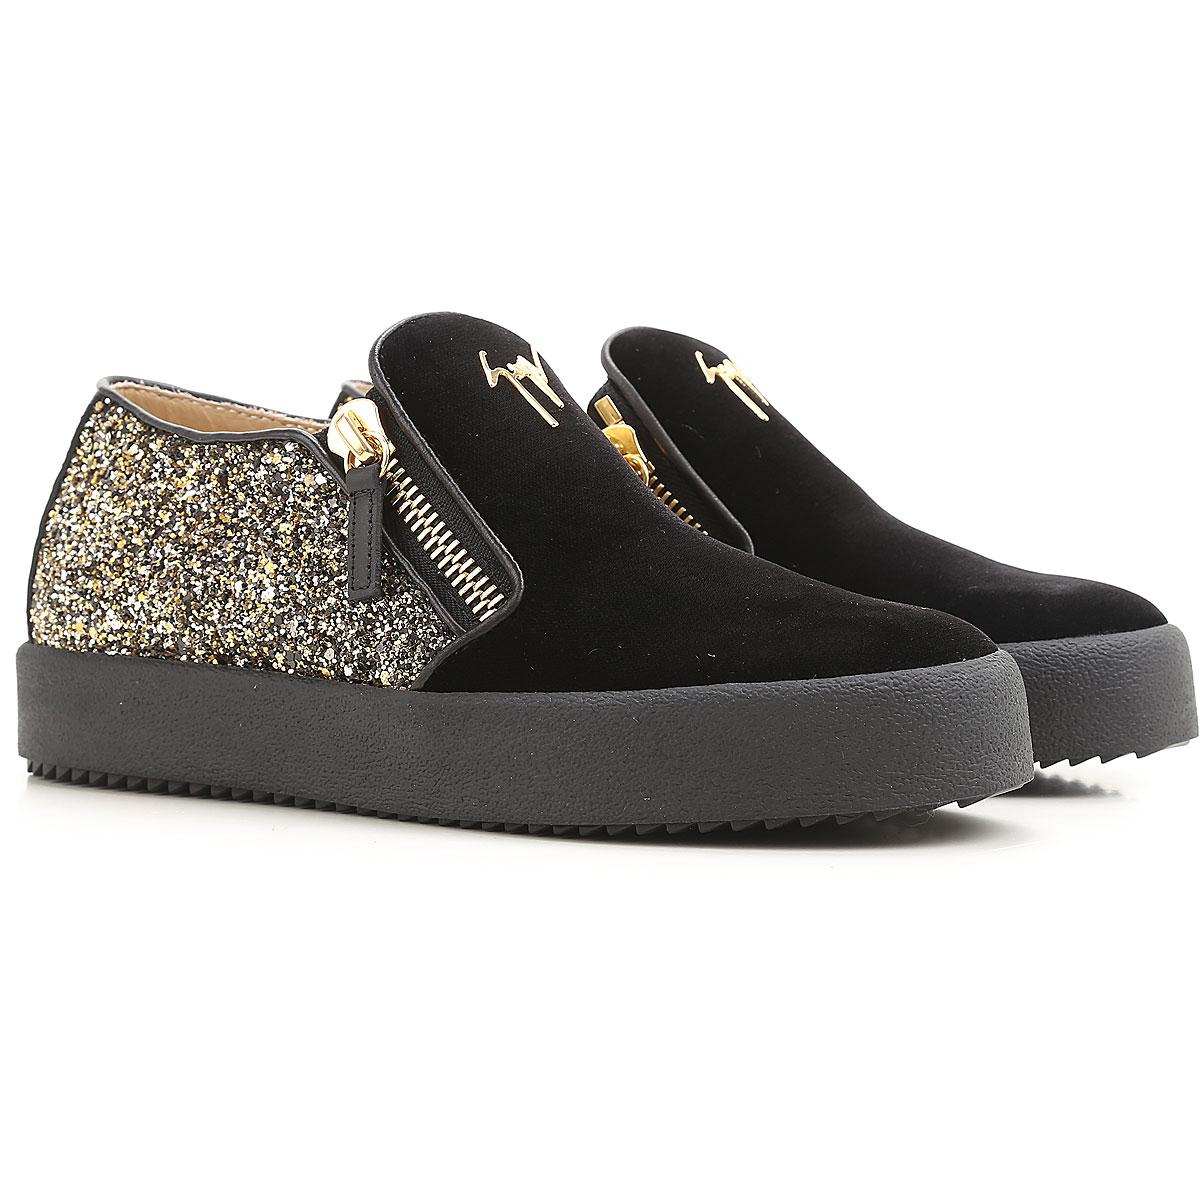 Giuseppe Zanotti Design Slip on Sneakers for Women On Sale in Outlet, Black, Velvet, 2019, 6.5 8